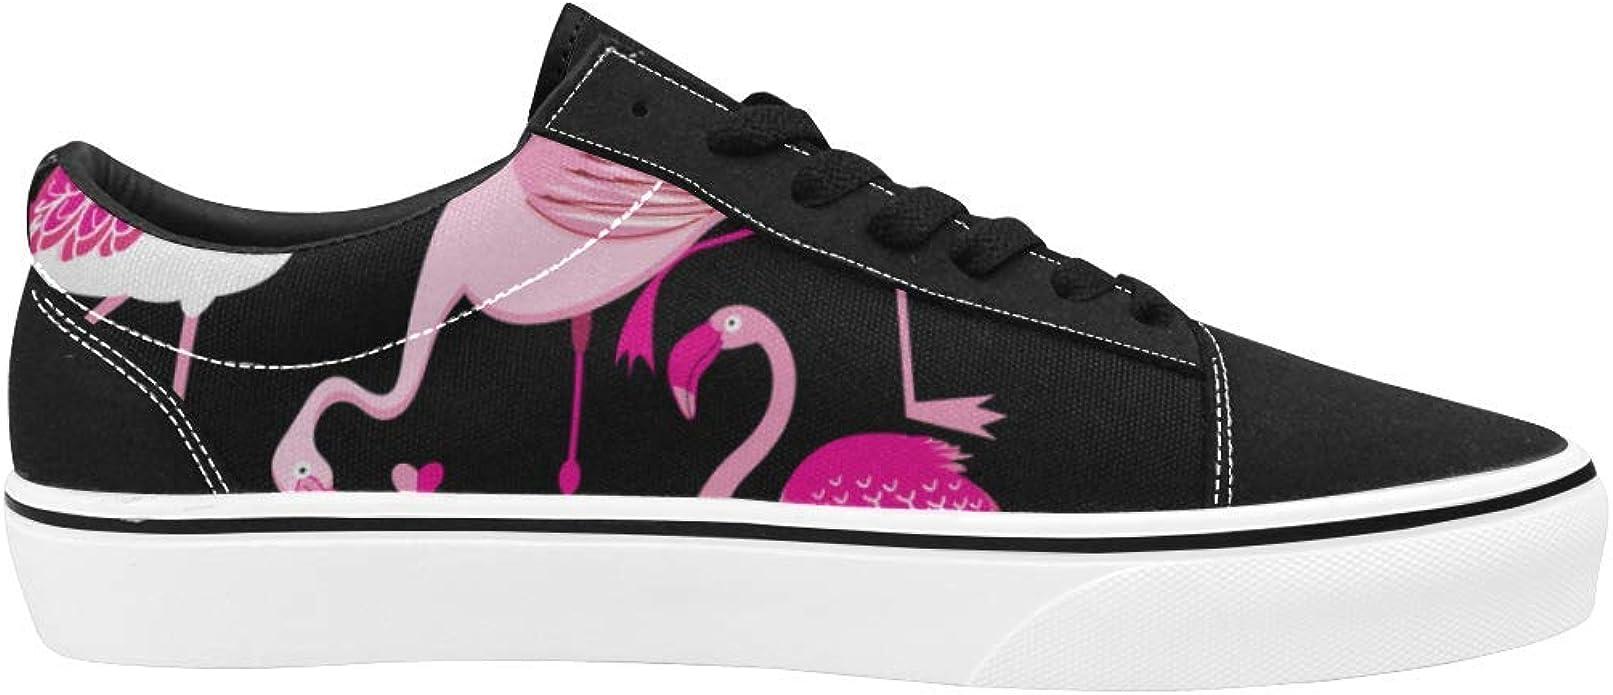 Skateboarding Shoes Comfortable